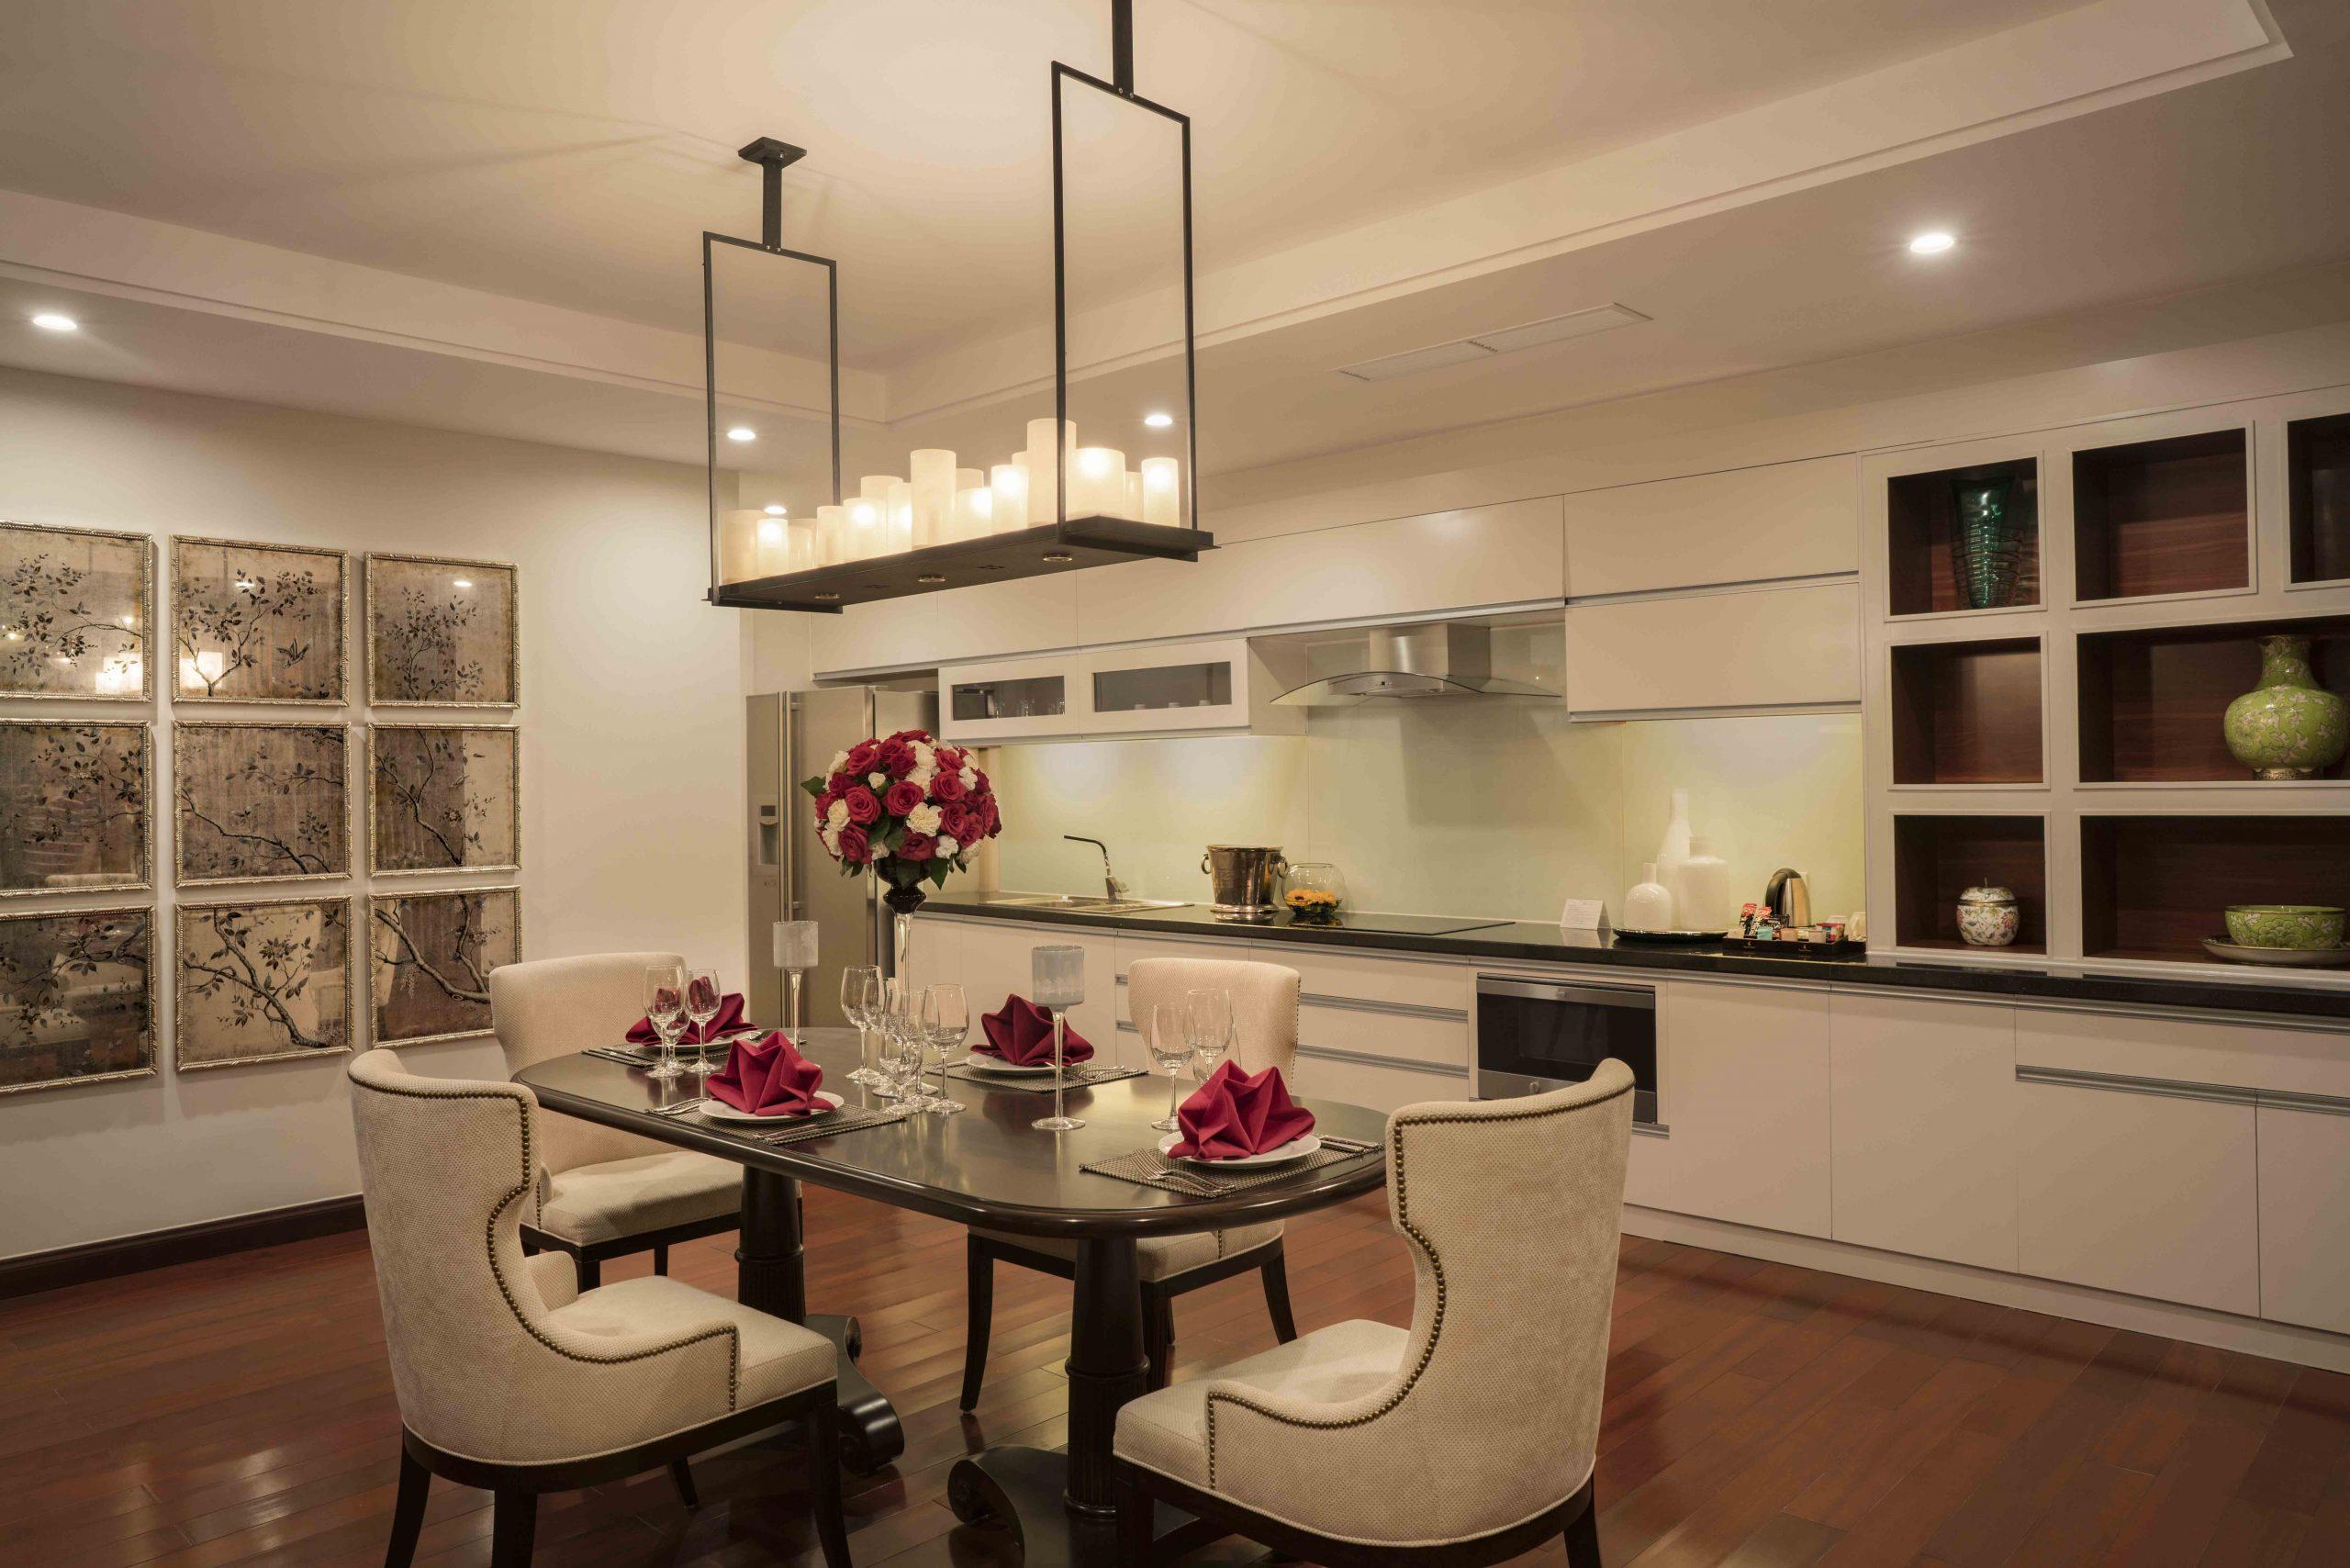 Phòng bếp trong biệt thự. Hình: Sưu tầm